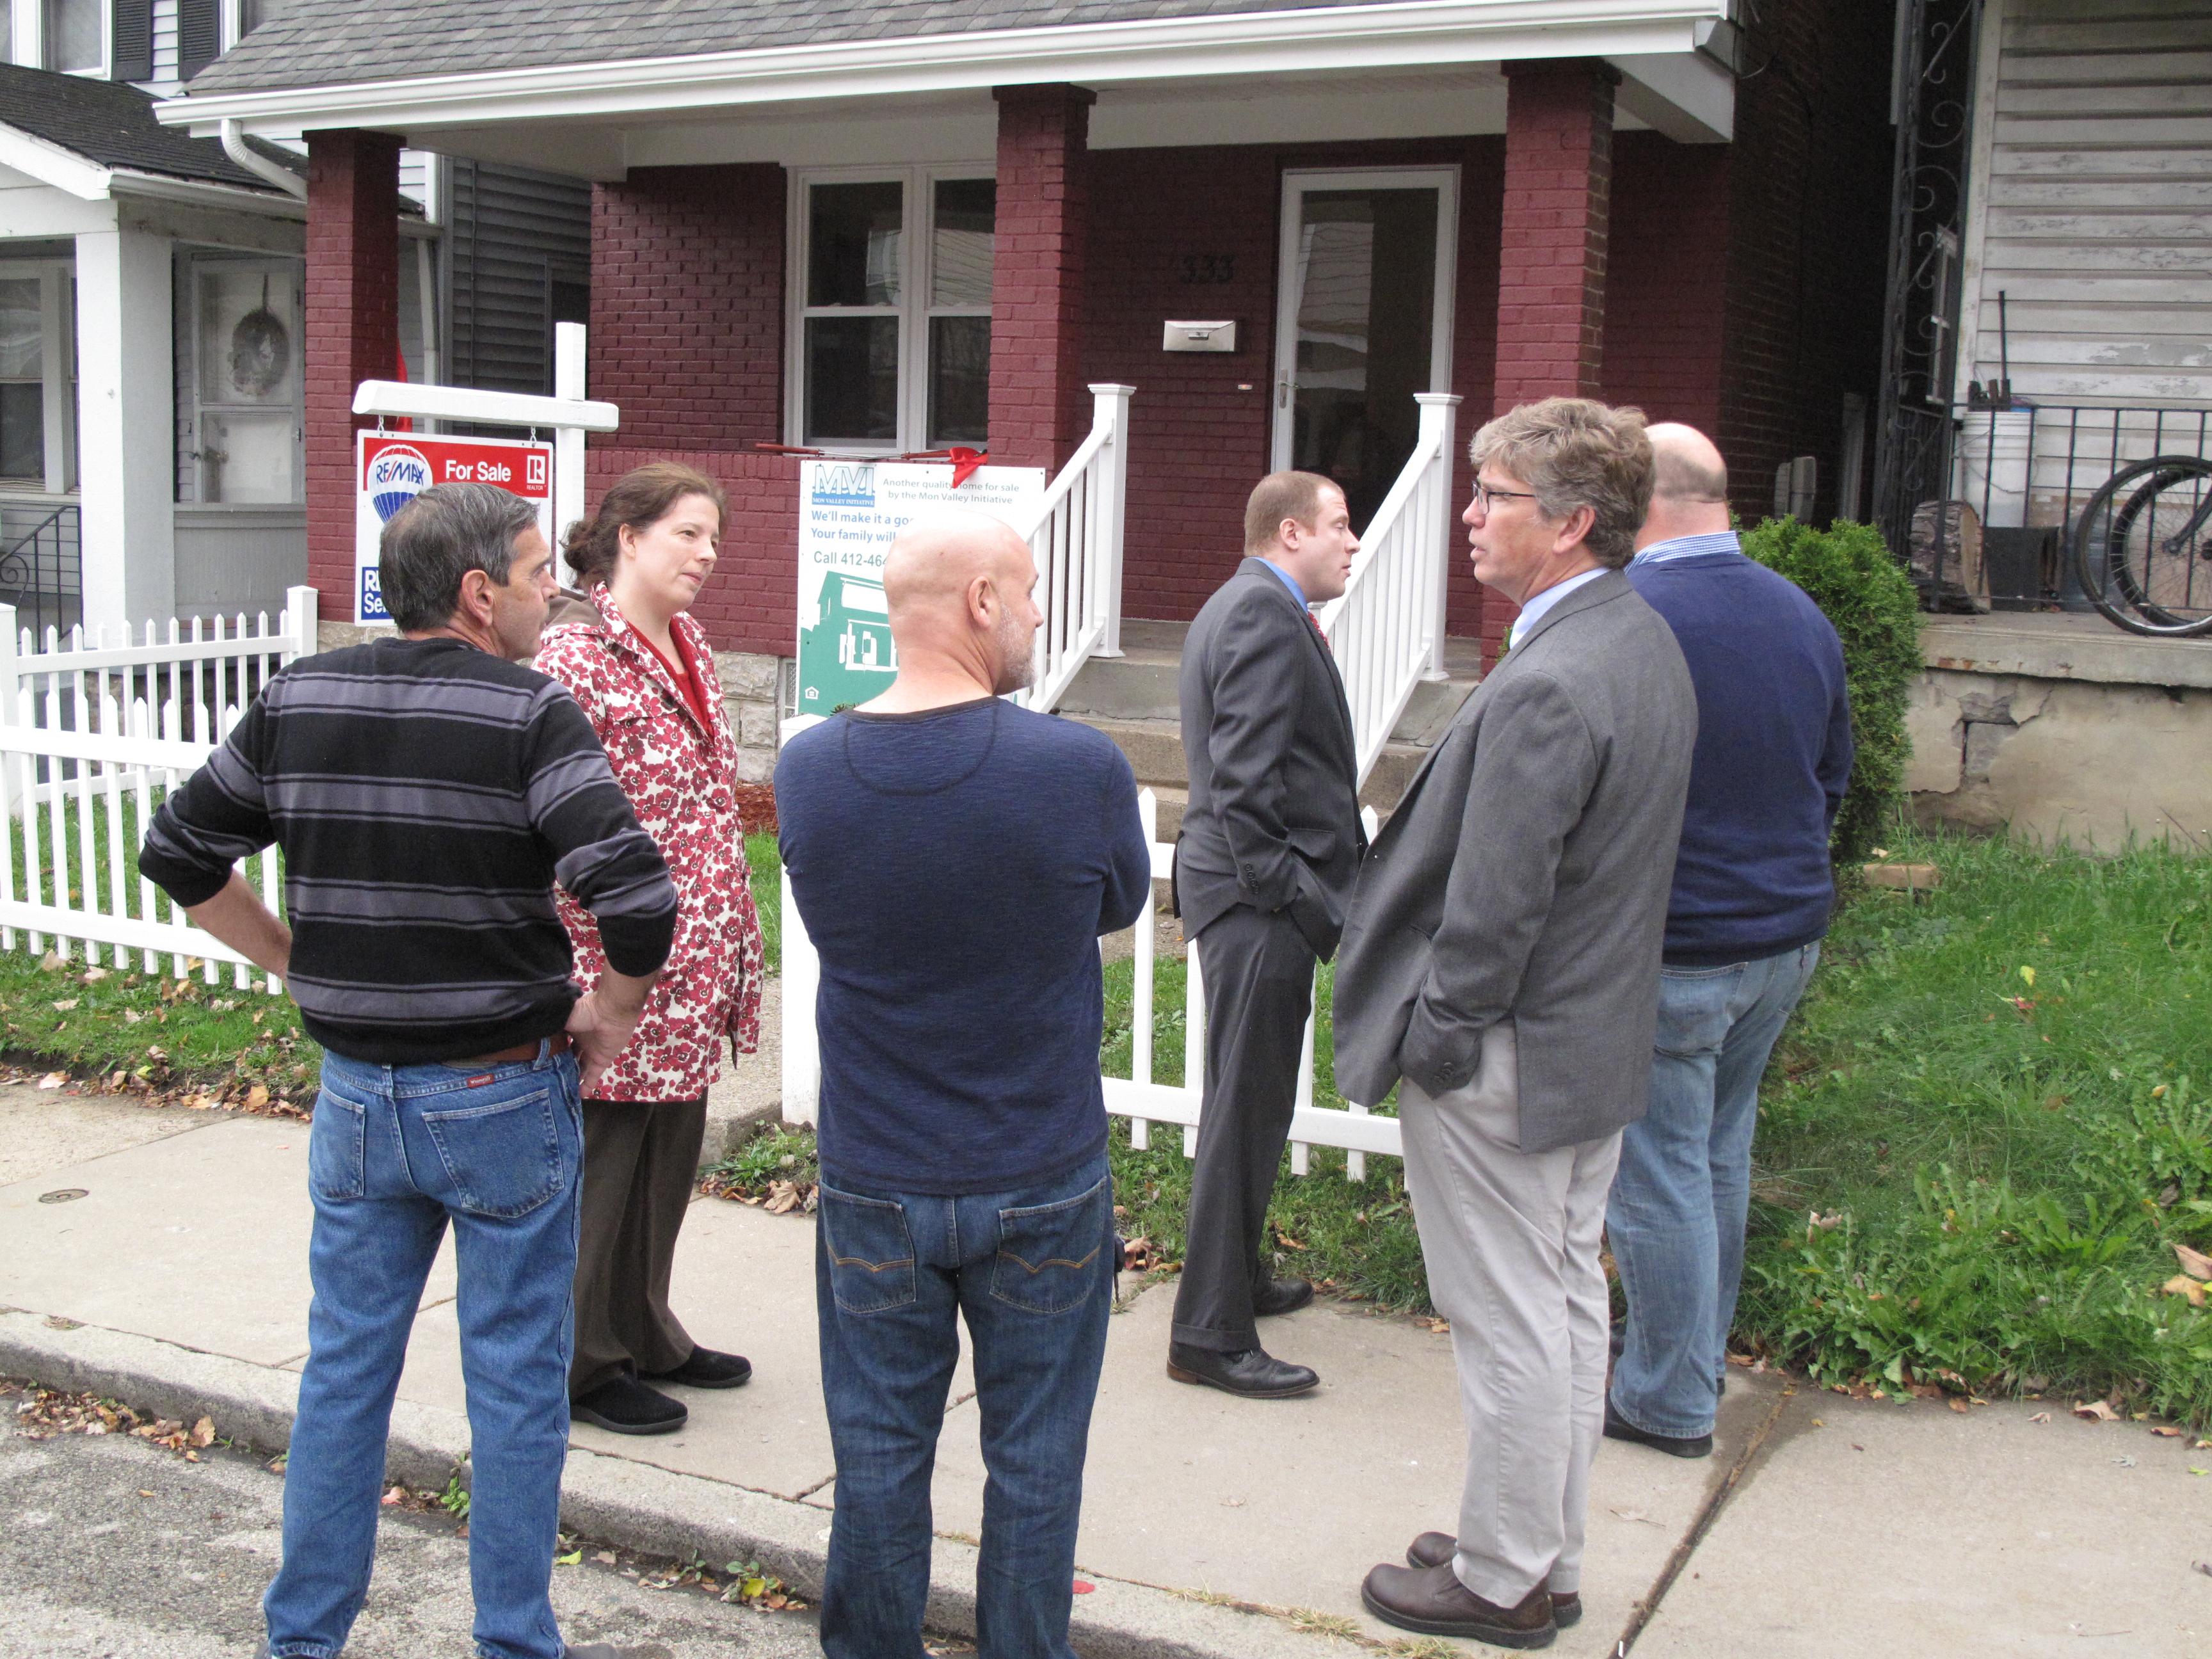 Community leaders mark milestone in Turtle Creek's renewal